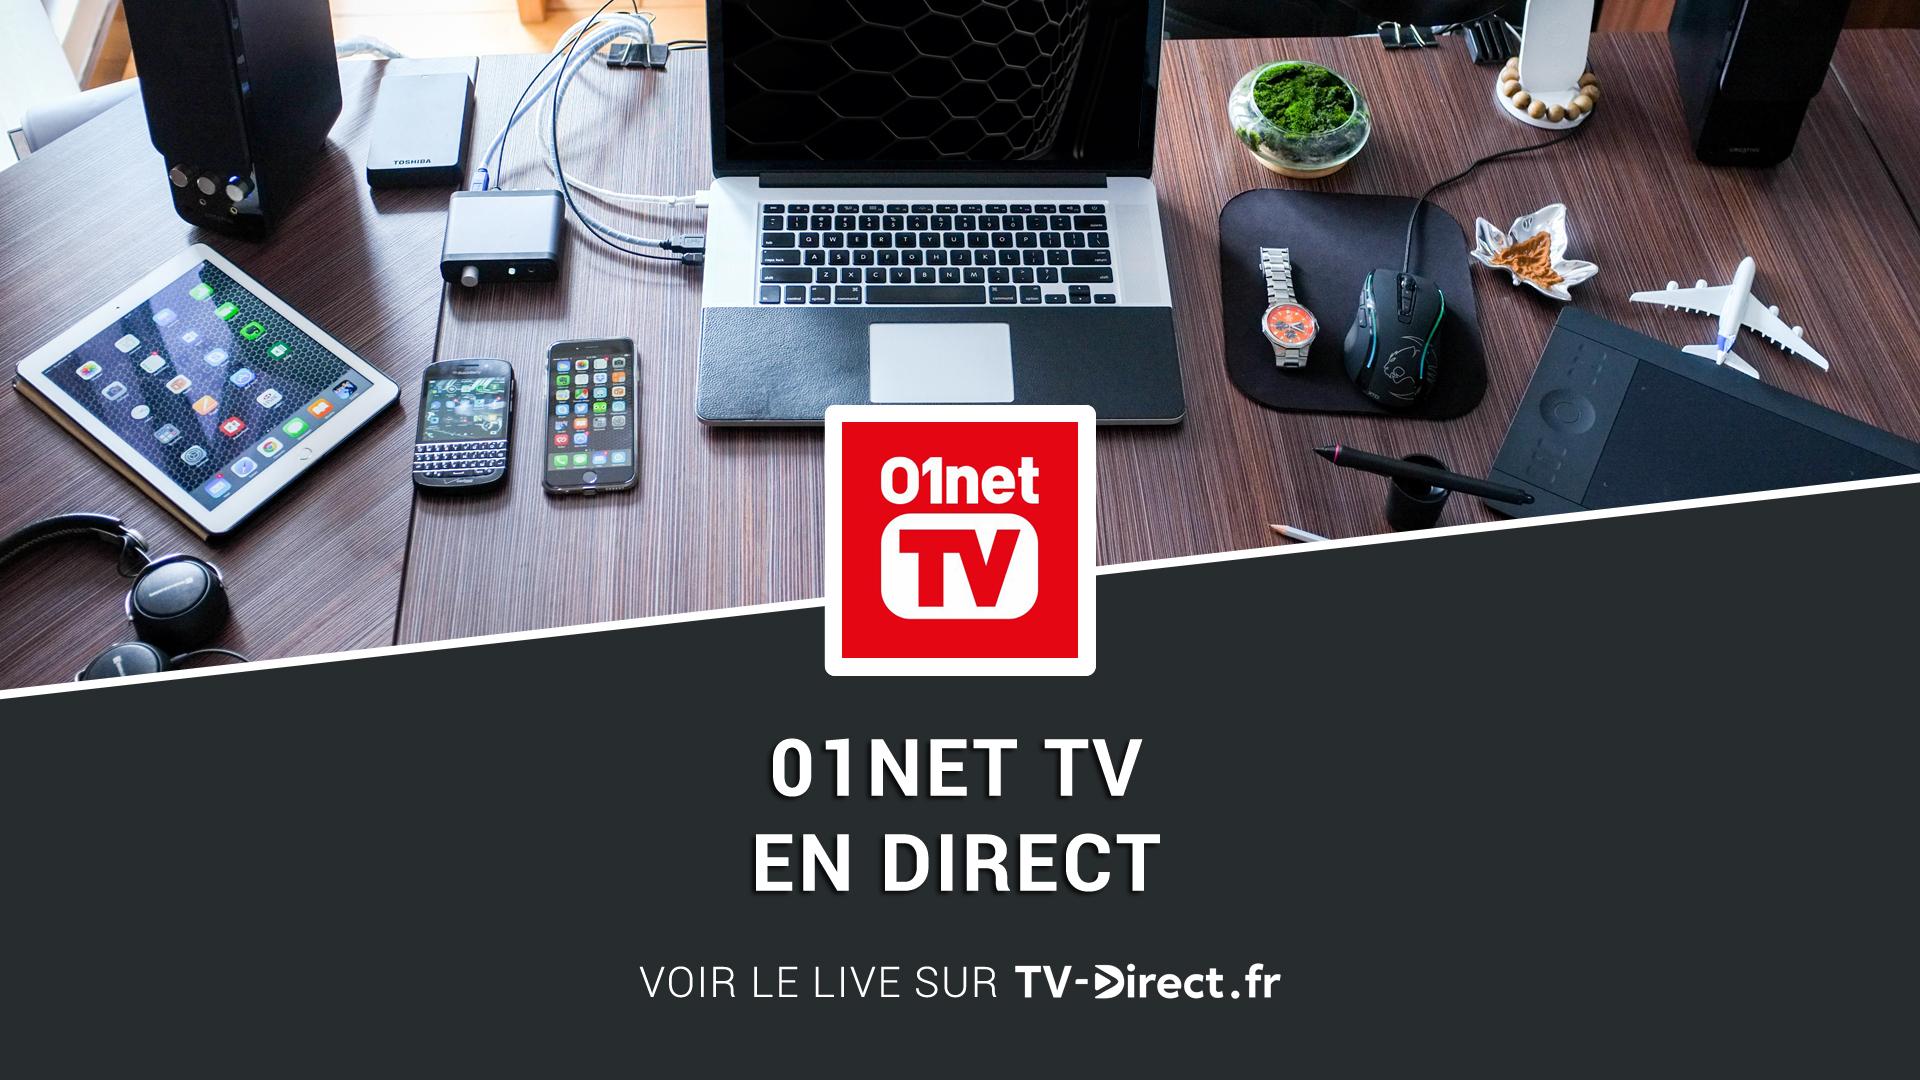 01net tv direct regarder 01net tv en direct live sur internet. Black Bedroom Furniture Sets. Home Design Ideas